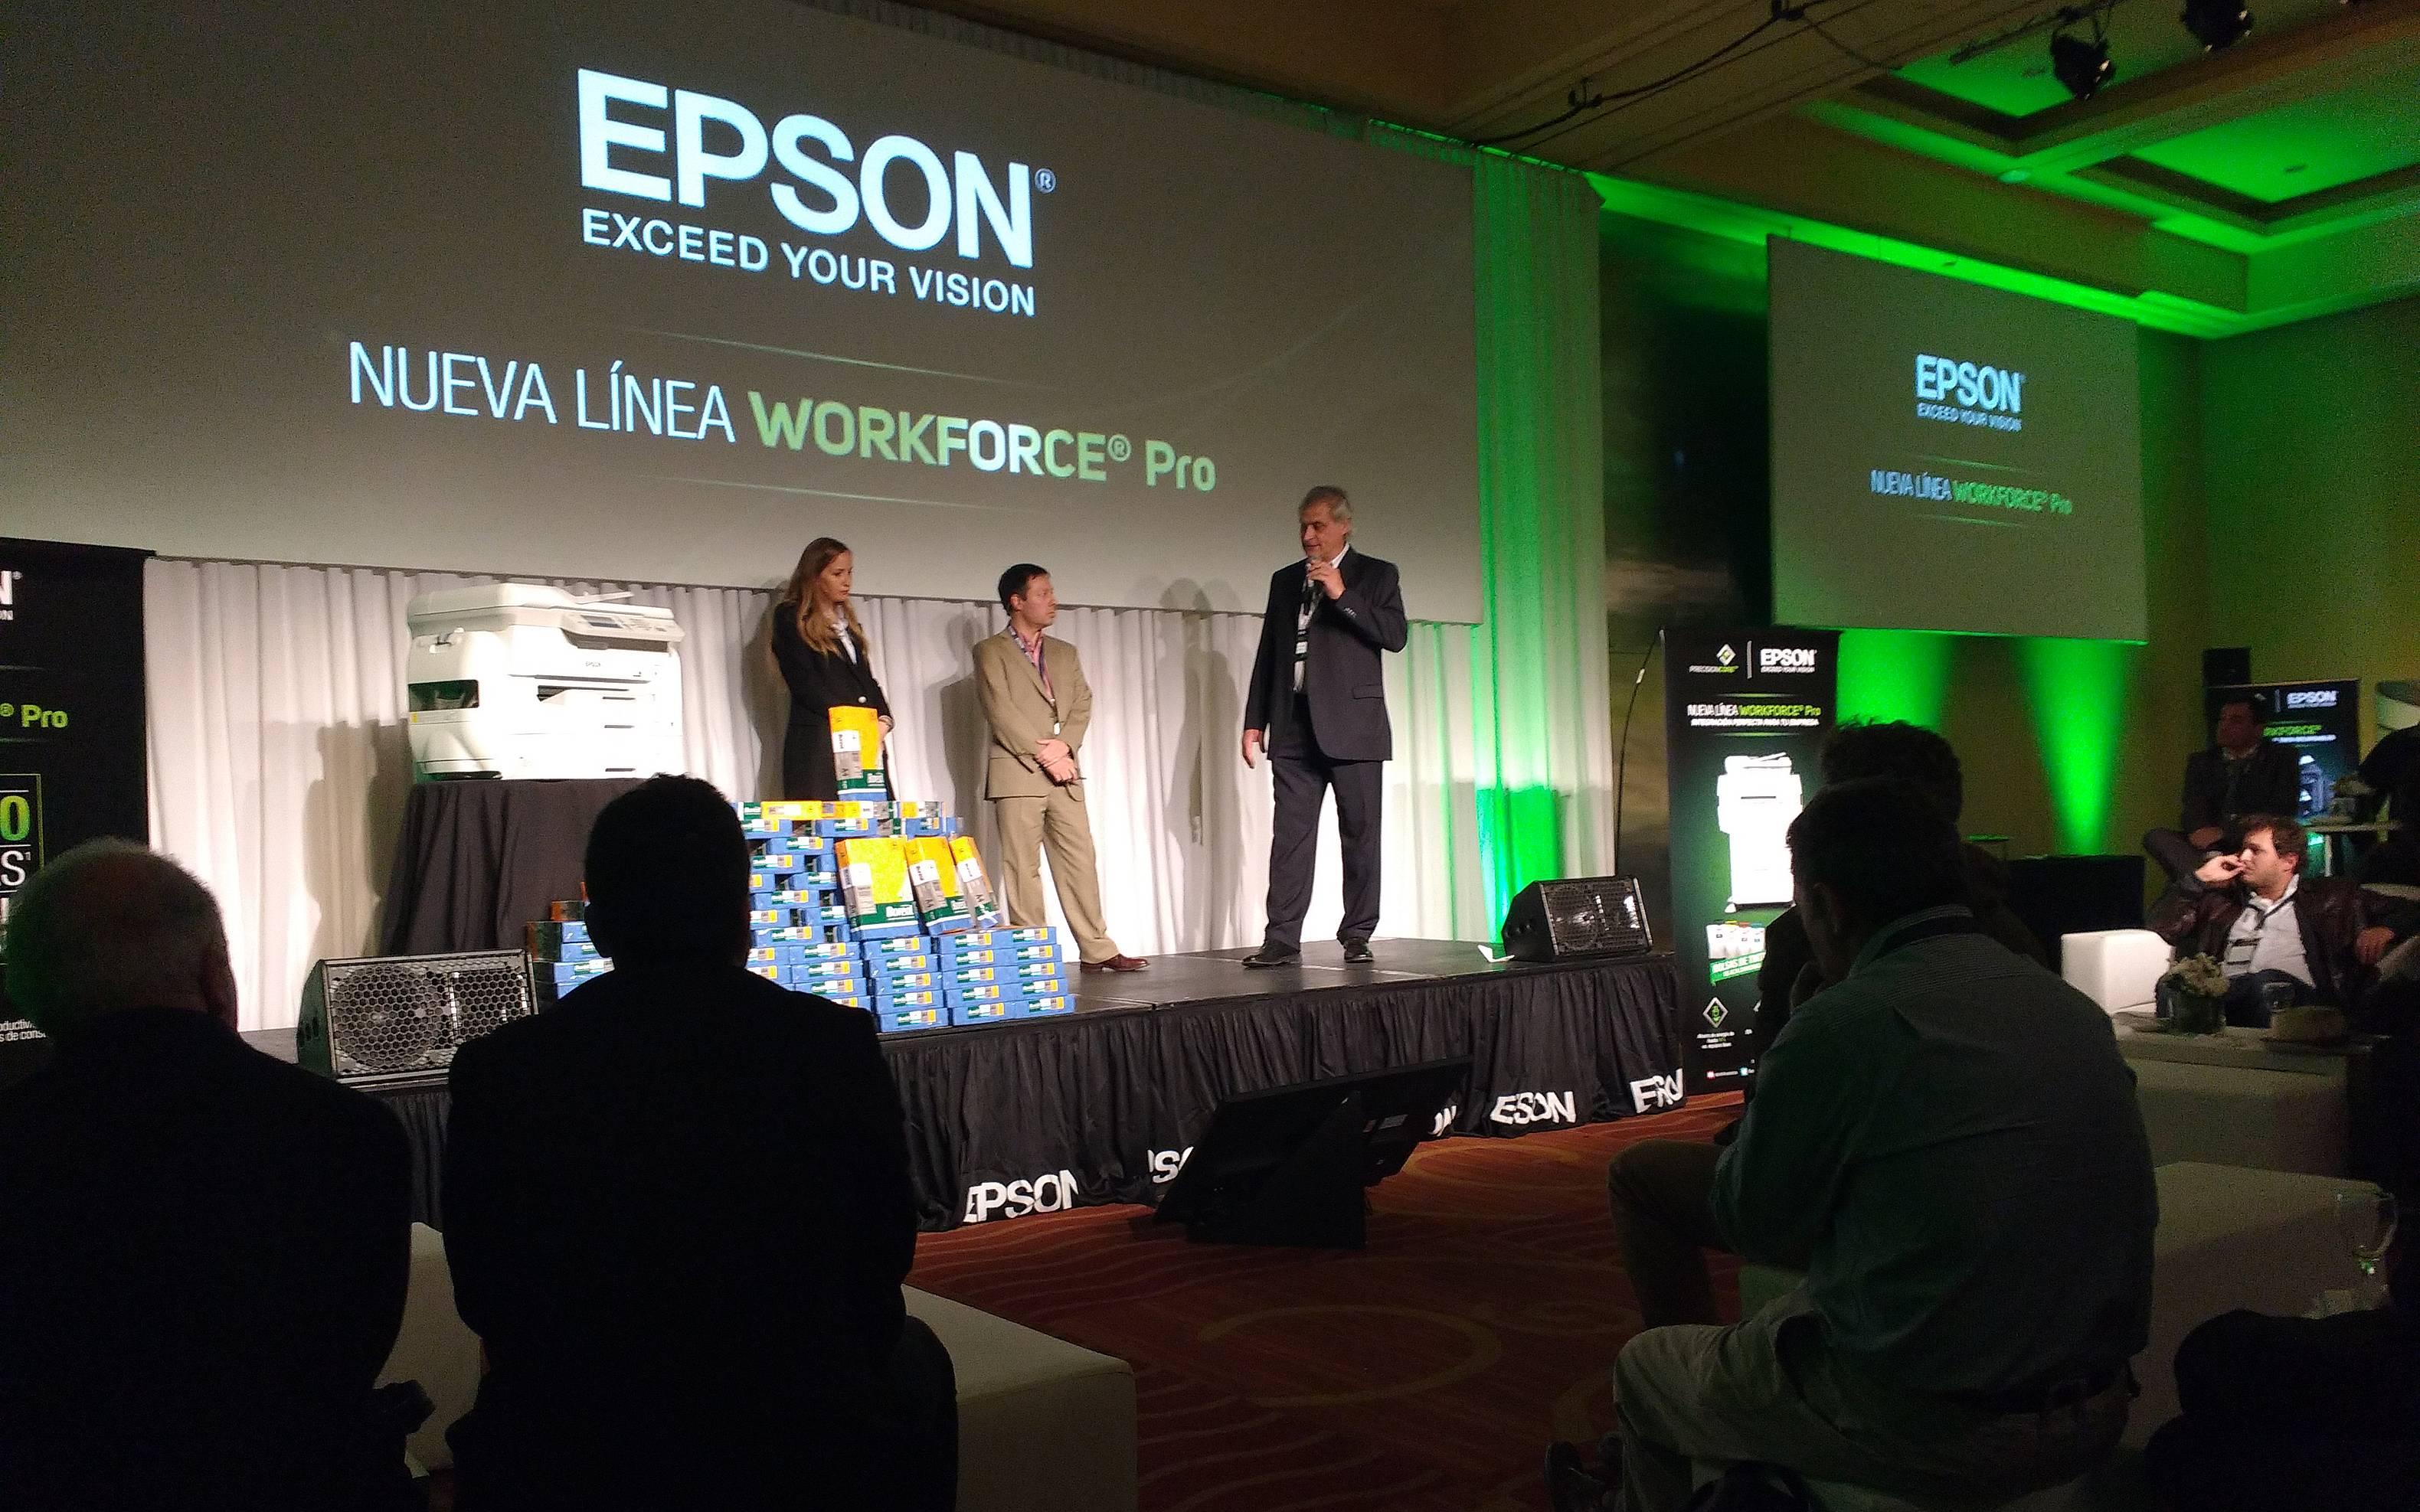 Epson: Más fuerza de trabajo a chorro